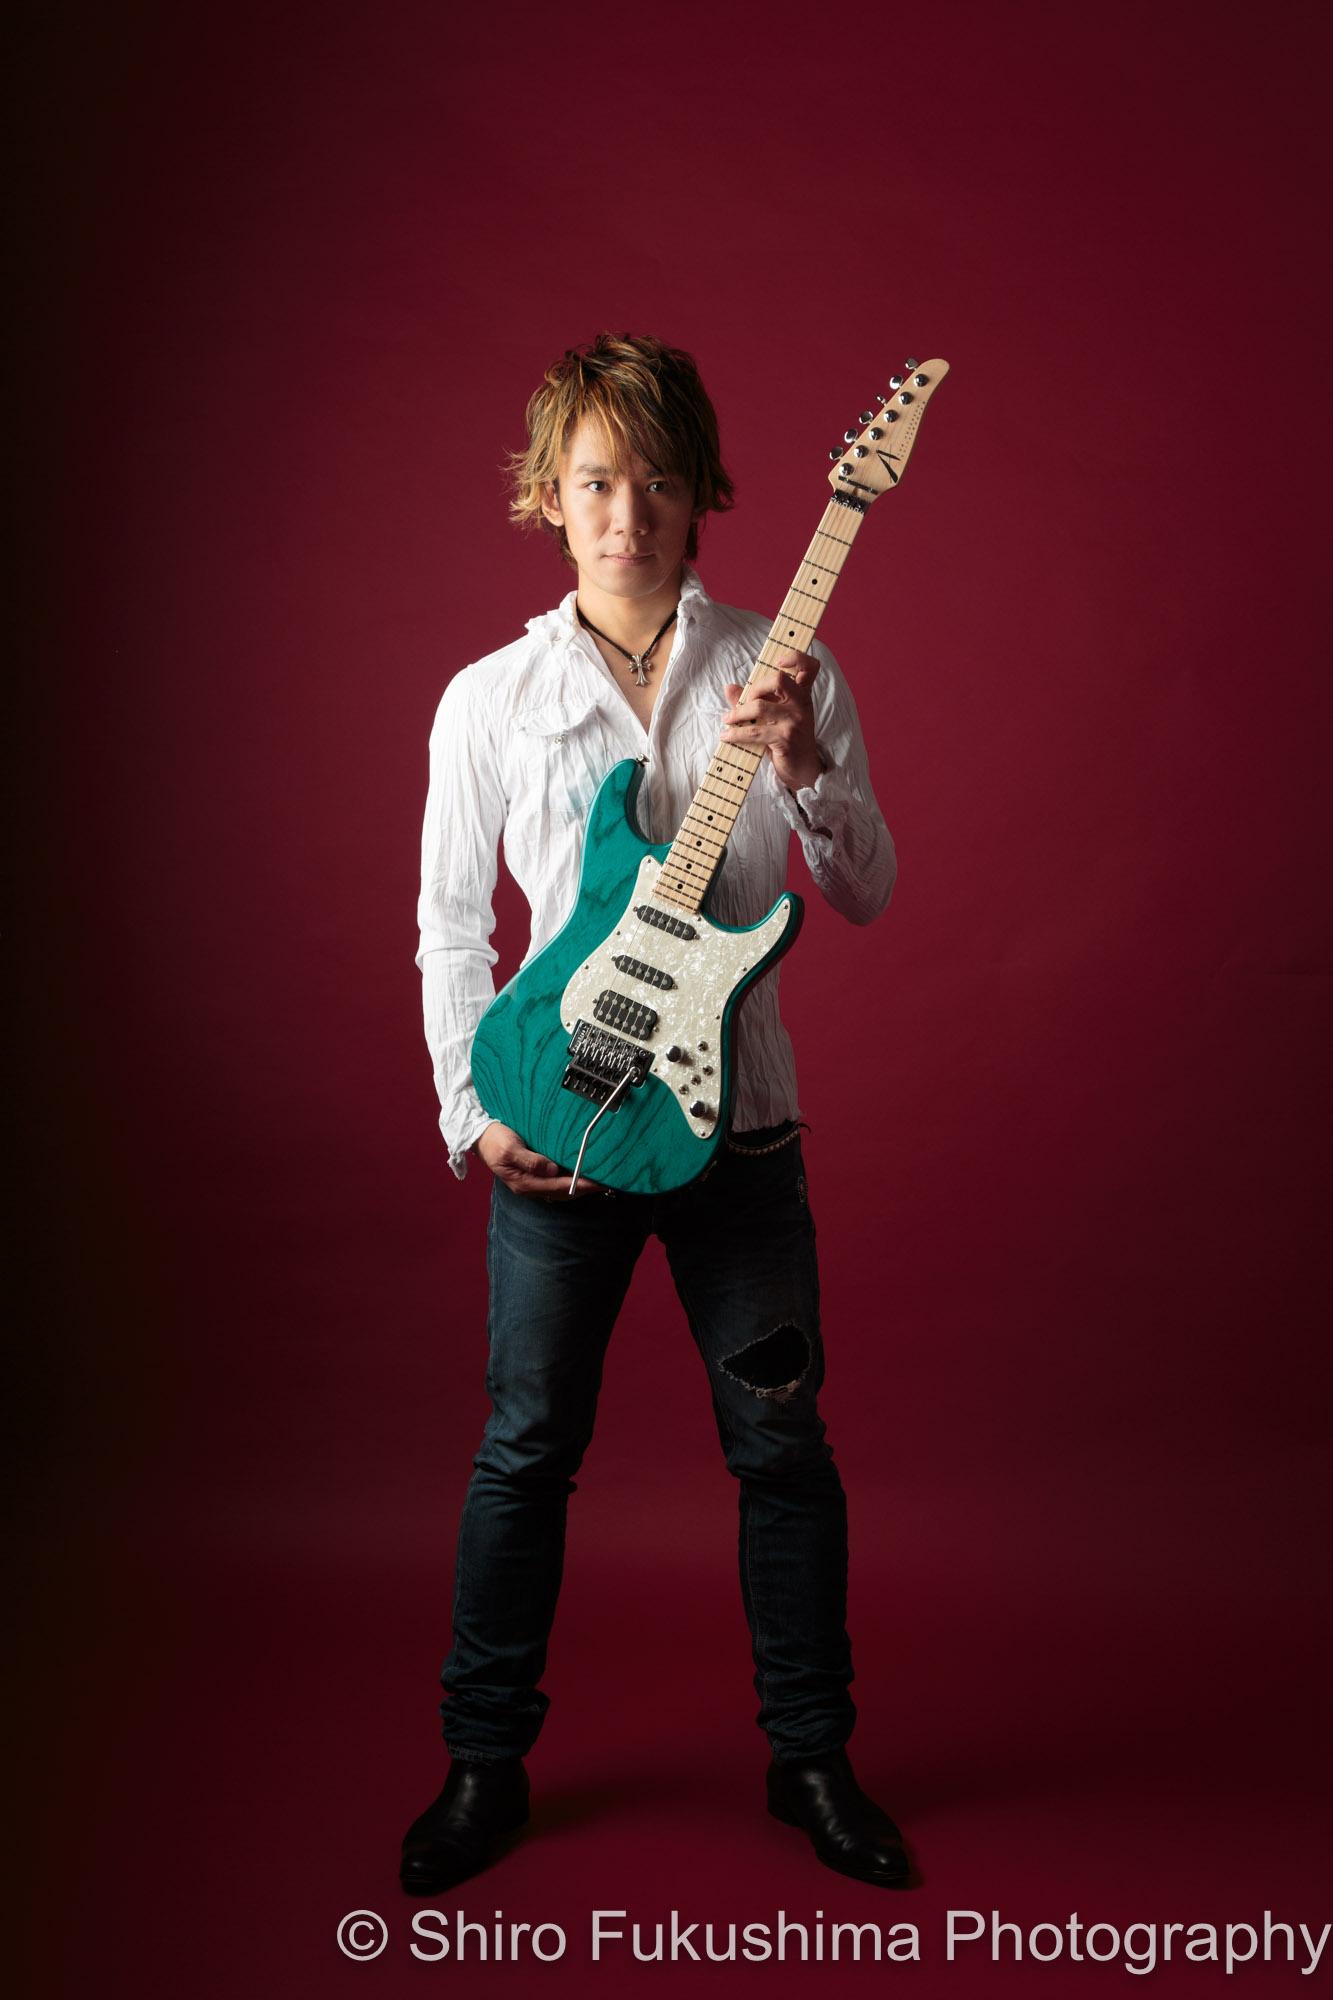 Shuichi Wada